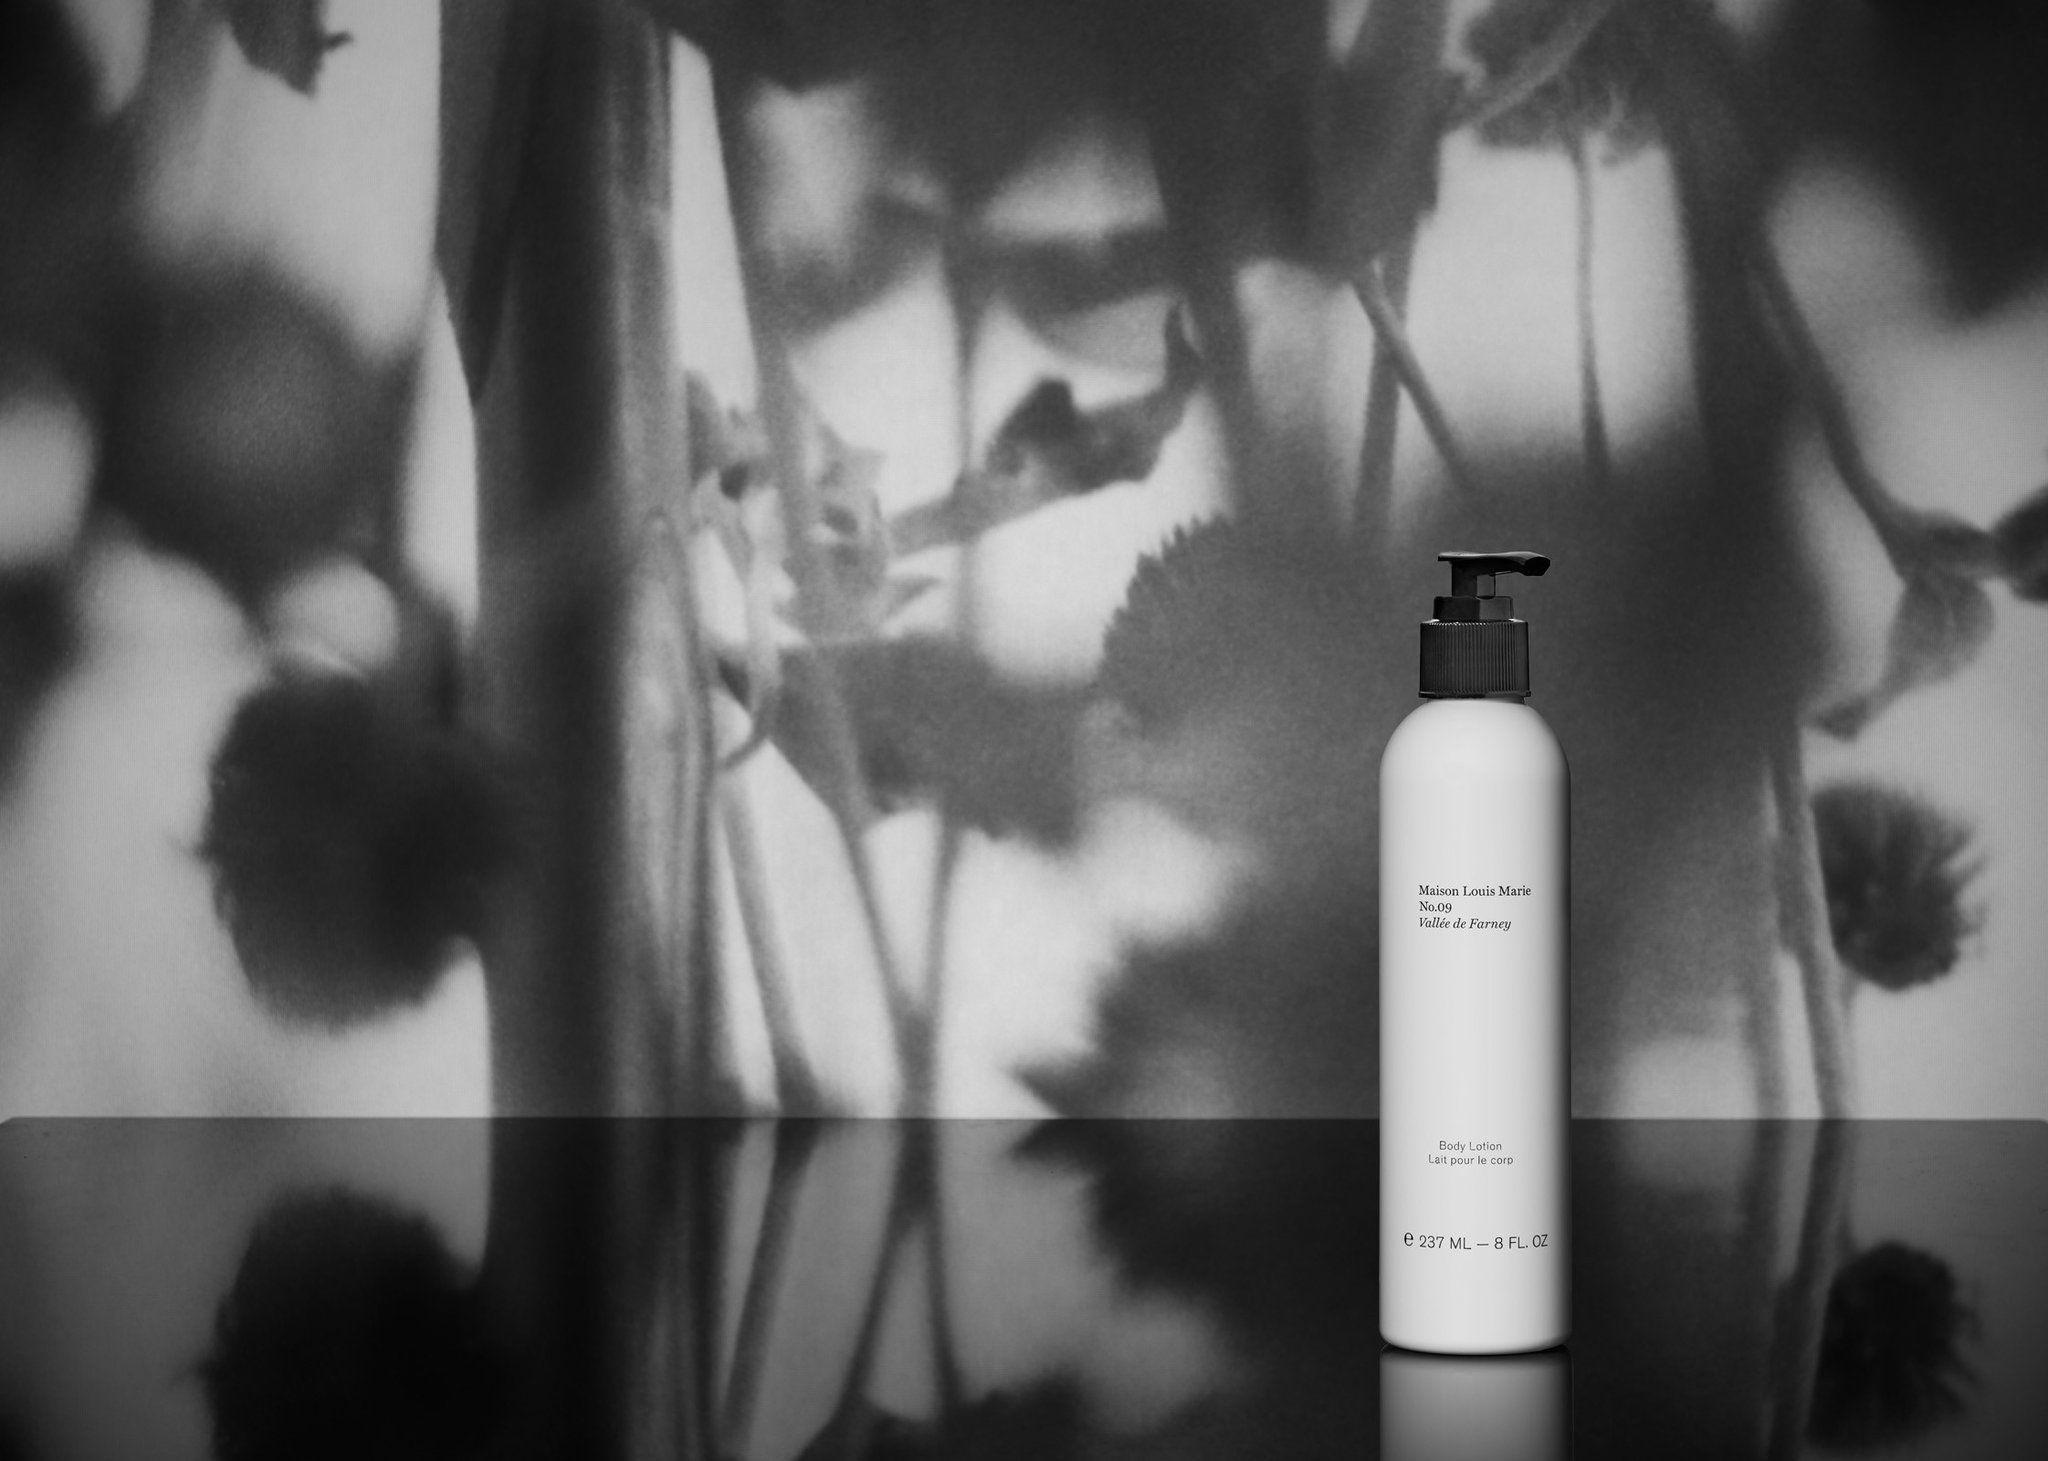 Maison Louis Marie ficial Site Fragrances beauty